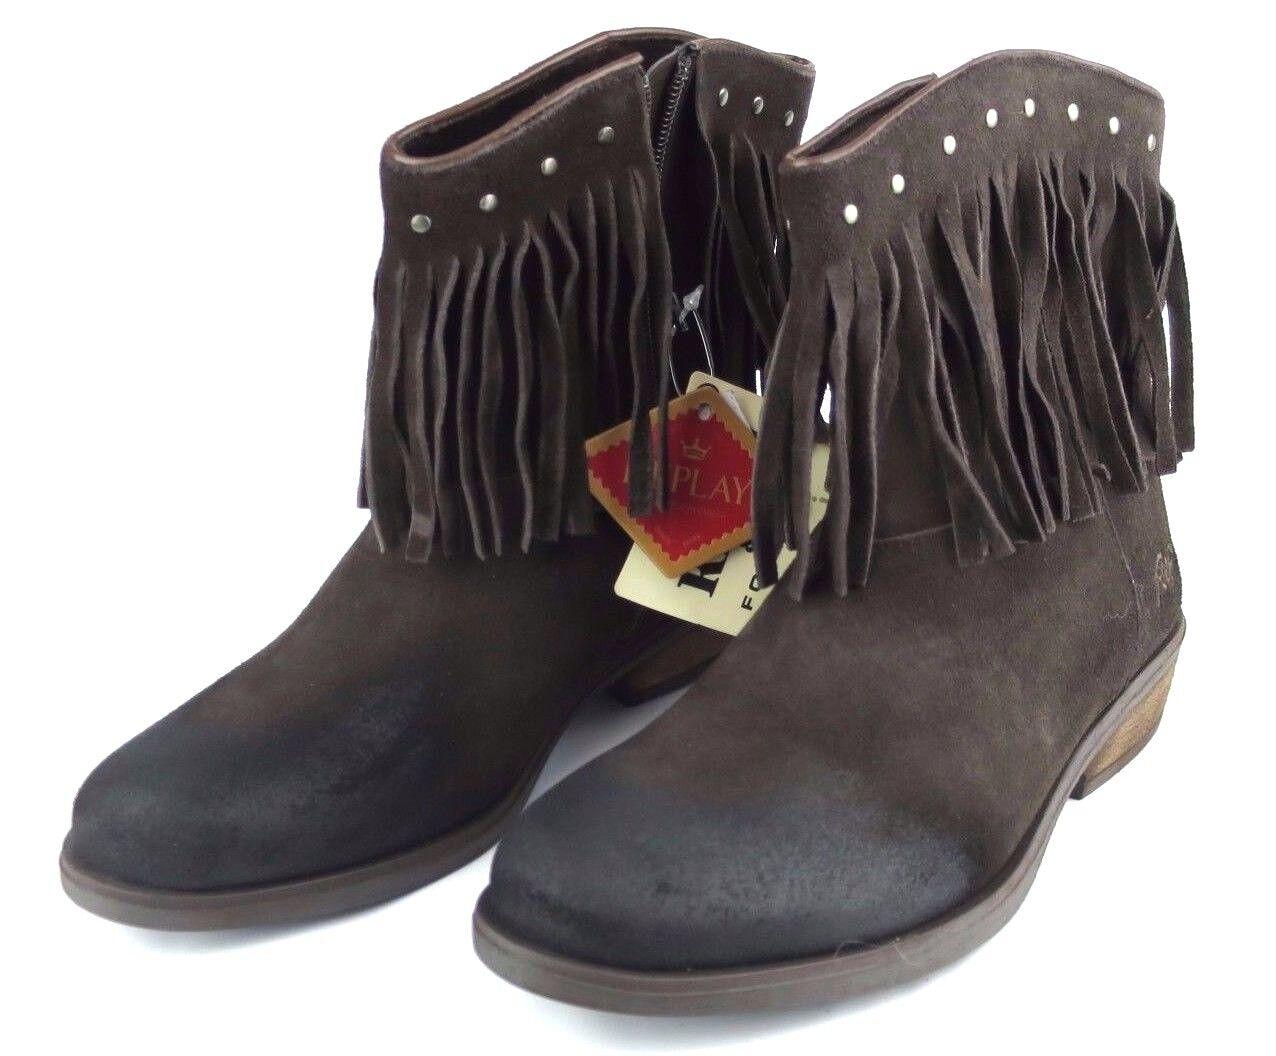 Replay Lancaster señora cuero marrón chica zapatos botas Woman botas marrón cuero NUEVO 6b06f7